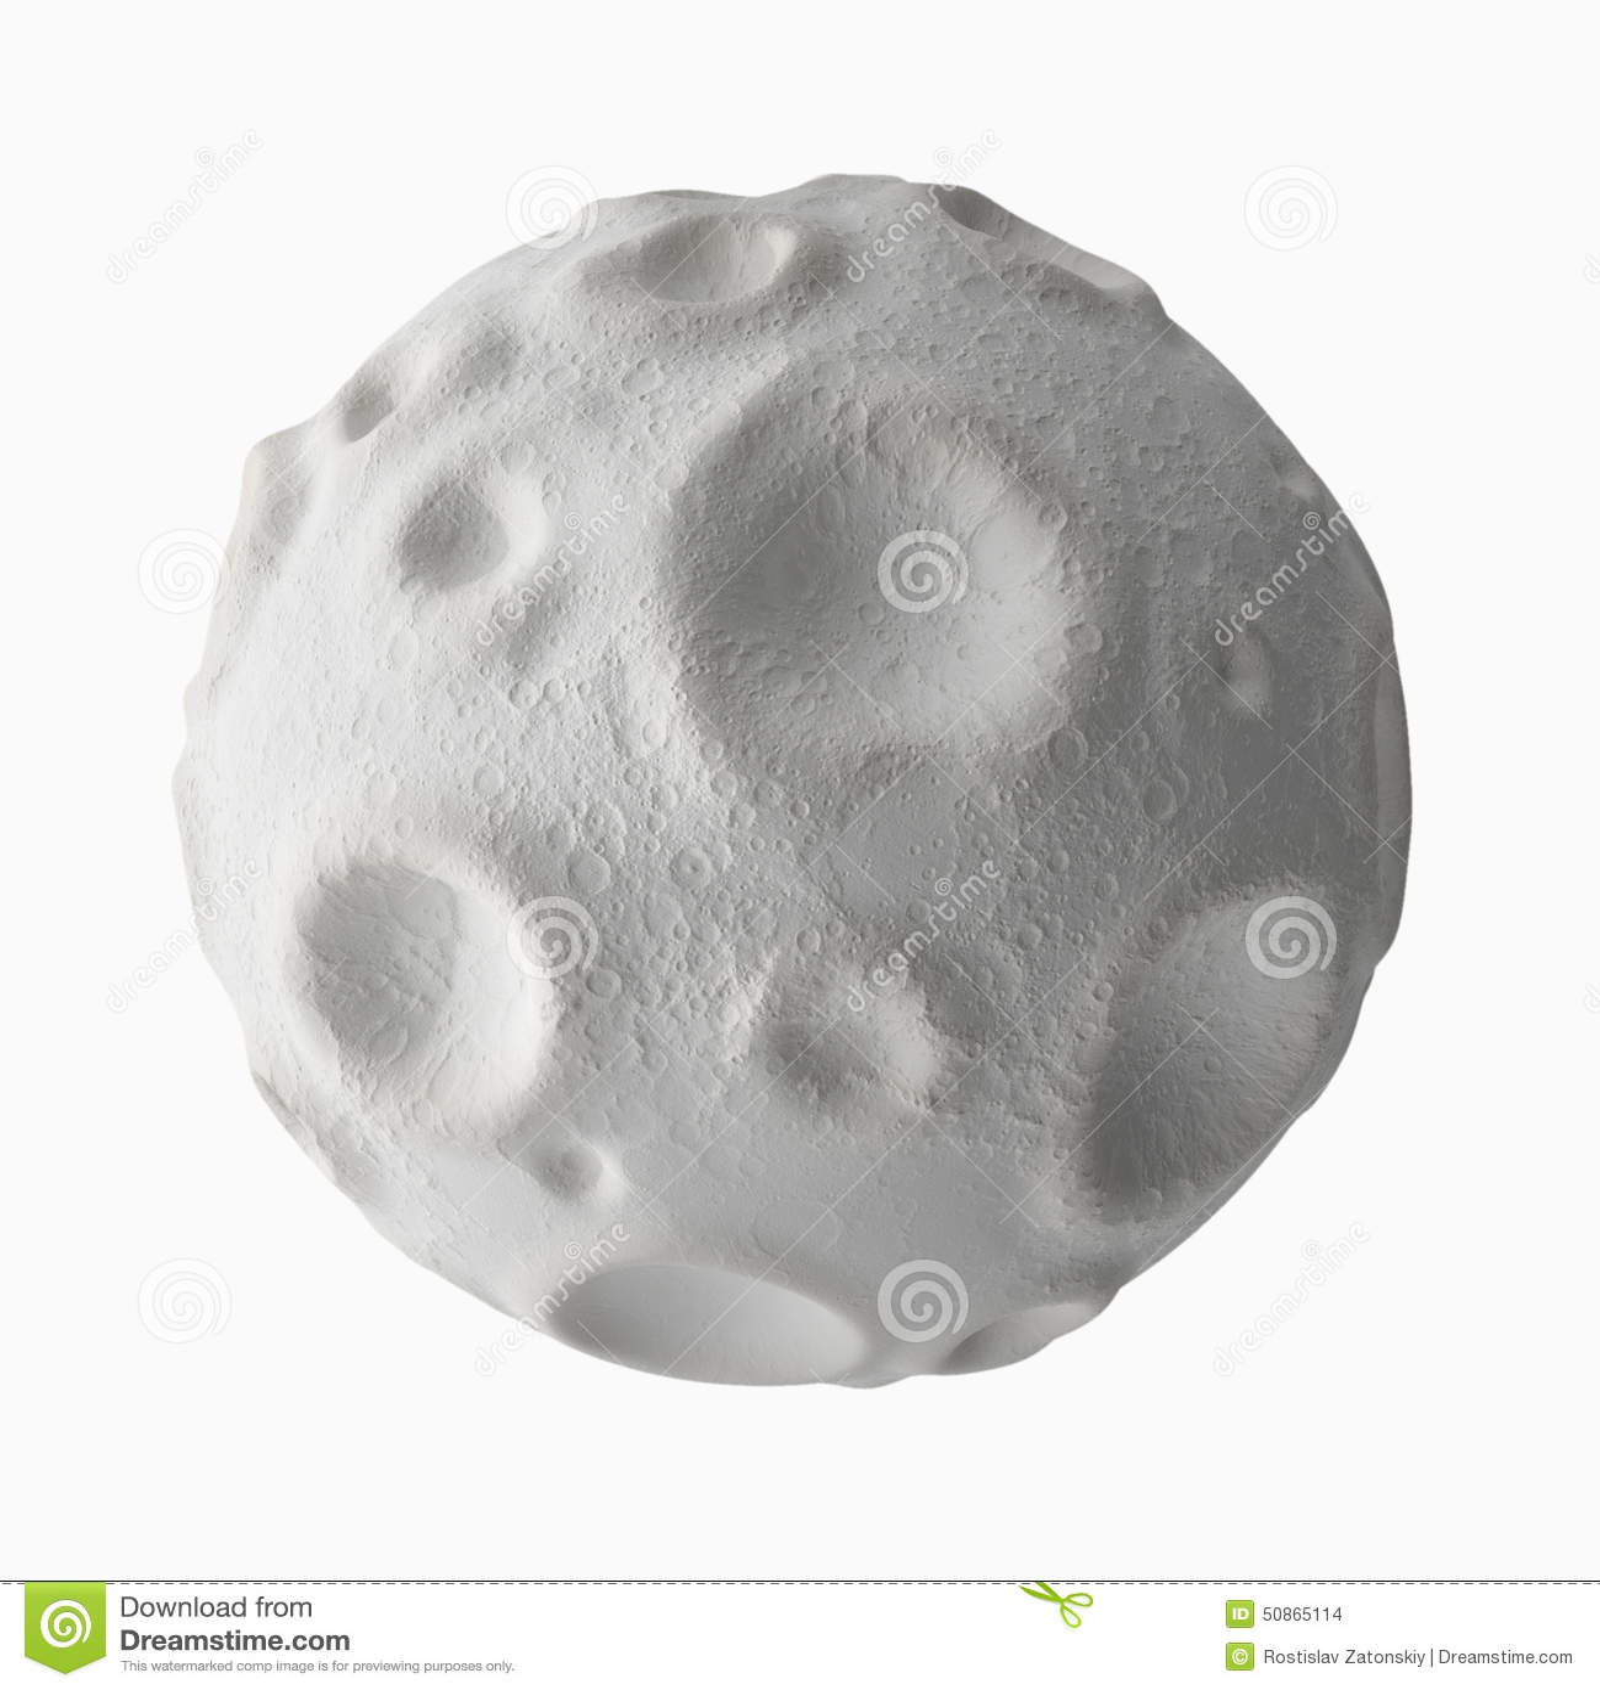 Lune avec des cratères sur la surface